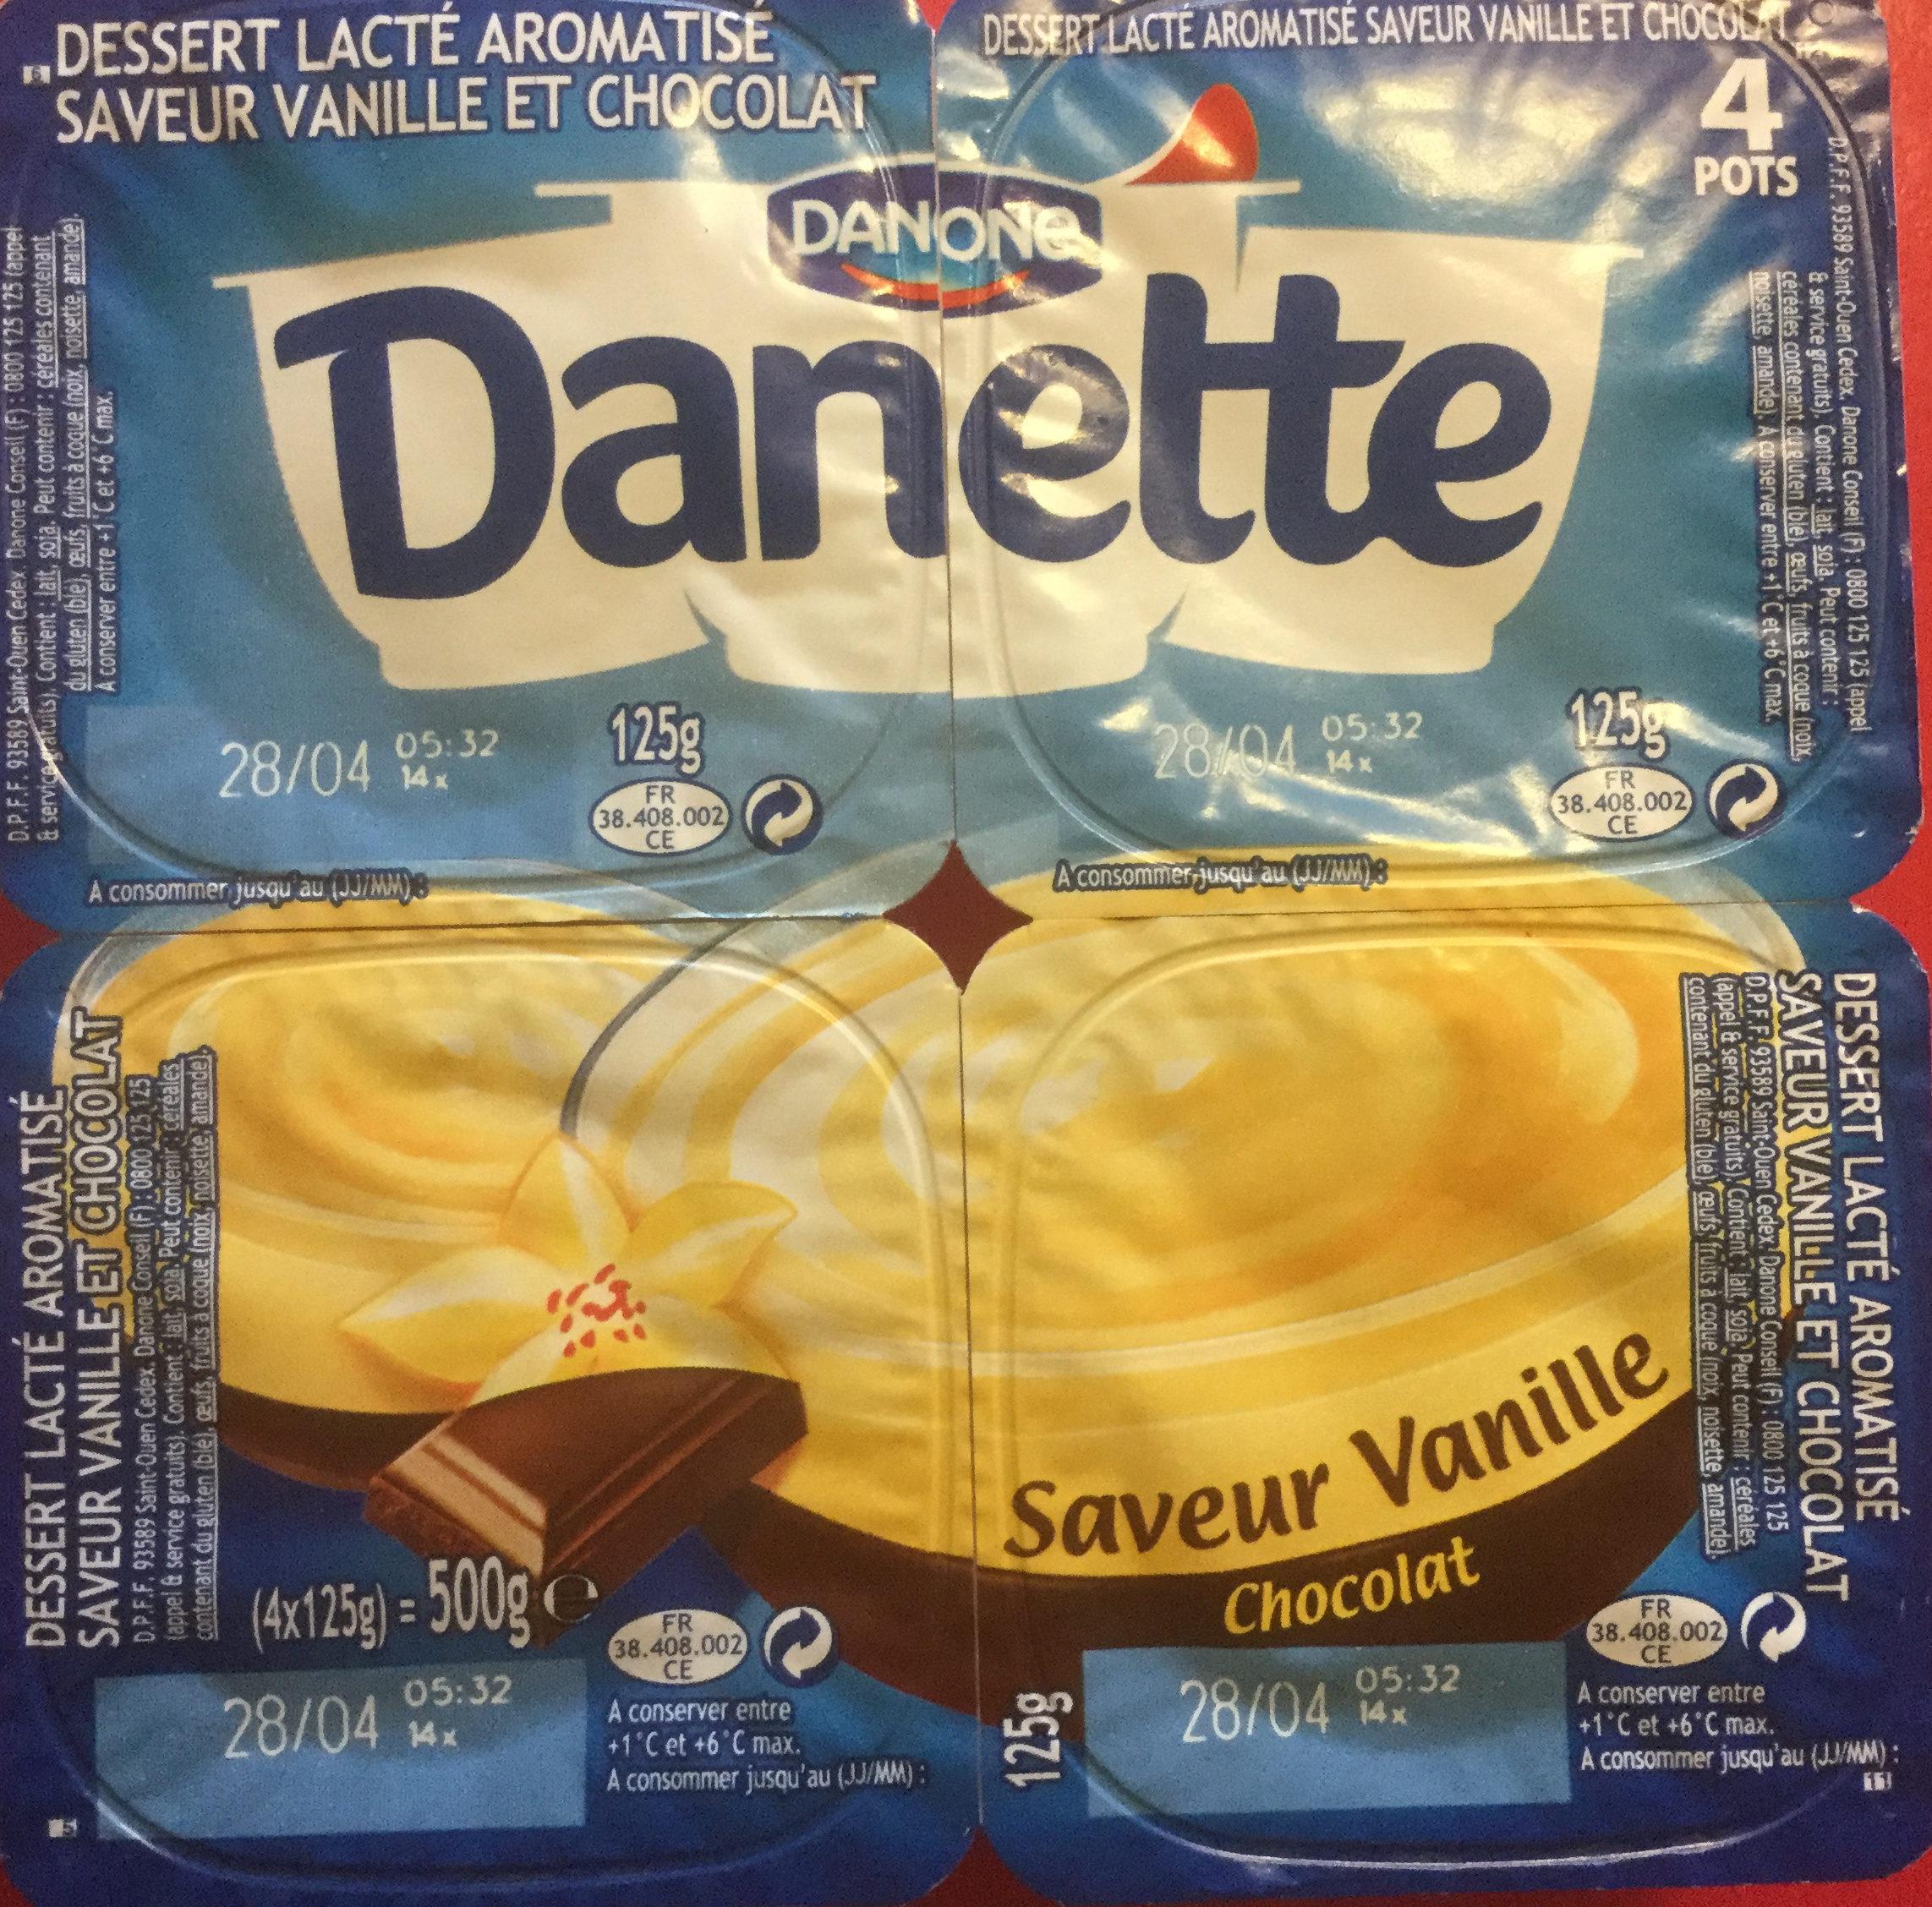 Danette saveur vanille & chocolat - Produit - fr